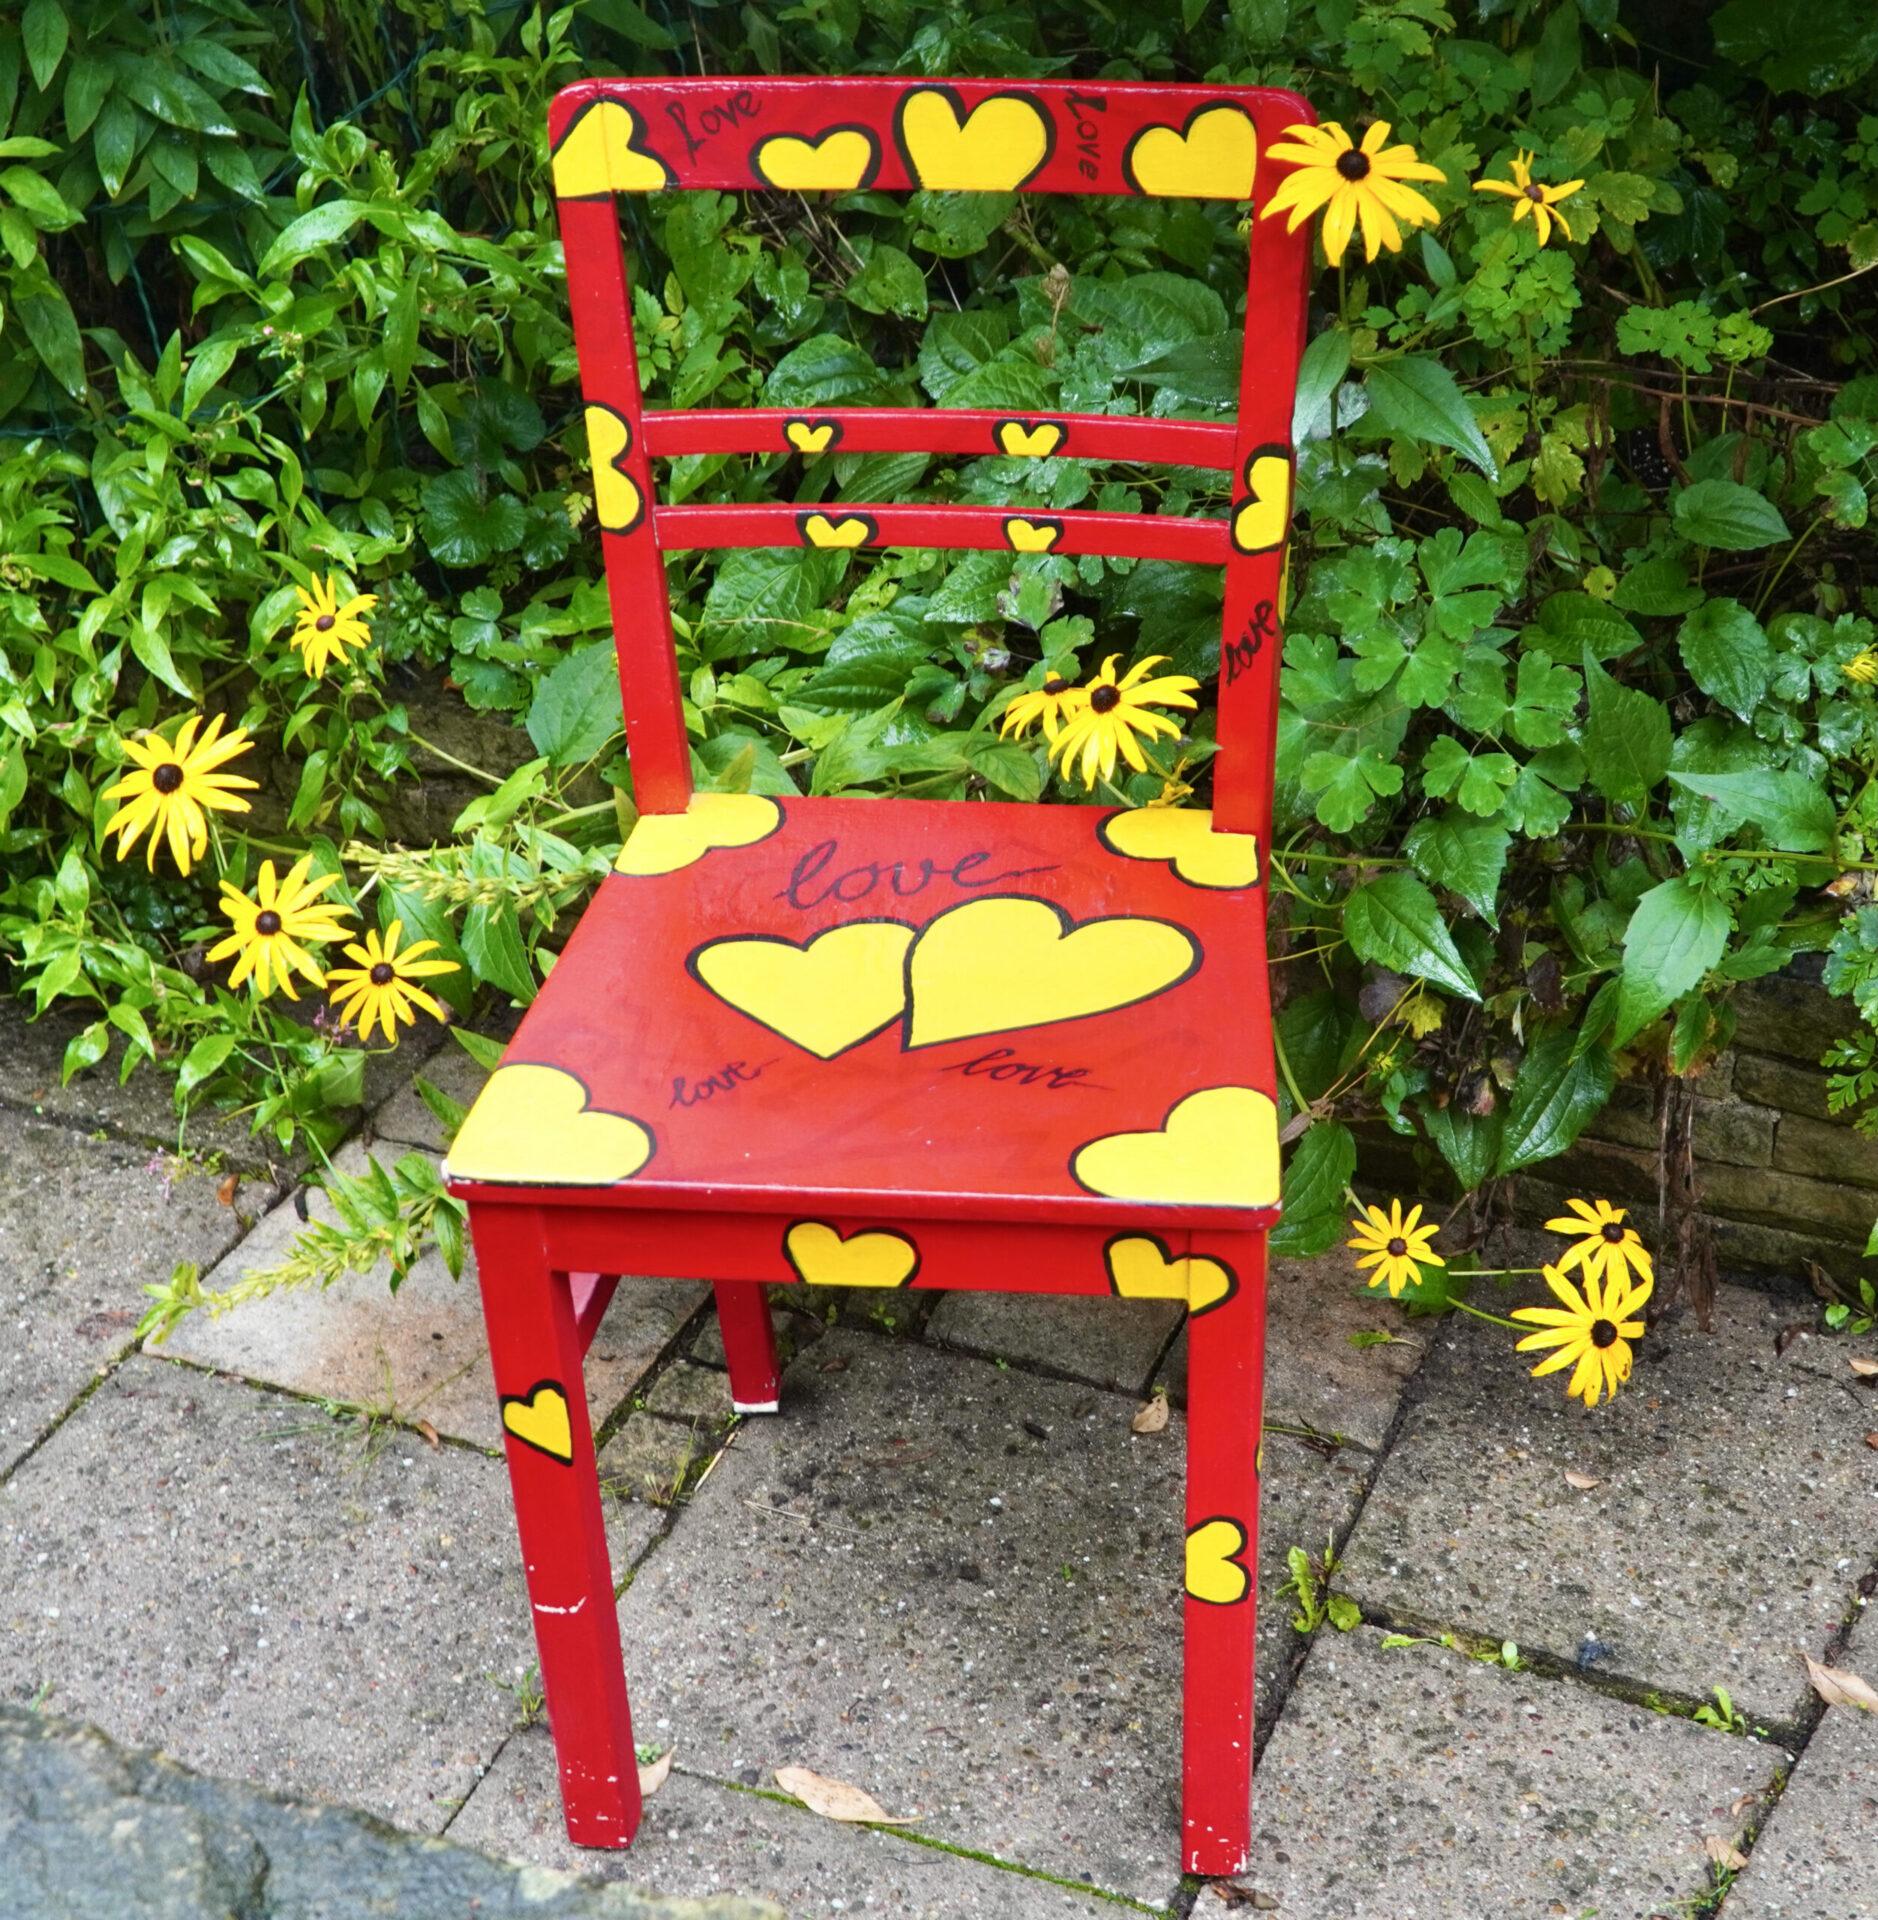 Gesucht werden Stühle, die schon etwas erlebt haben und Stühle für einen Kunst-Workshop